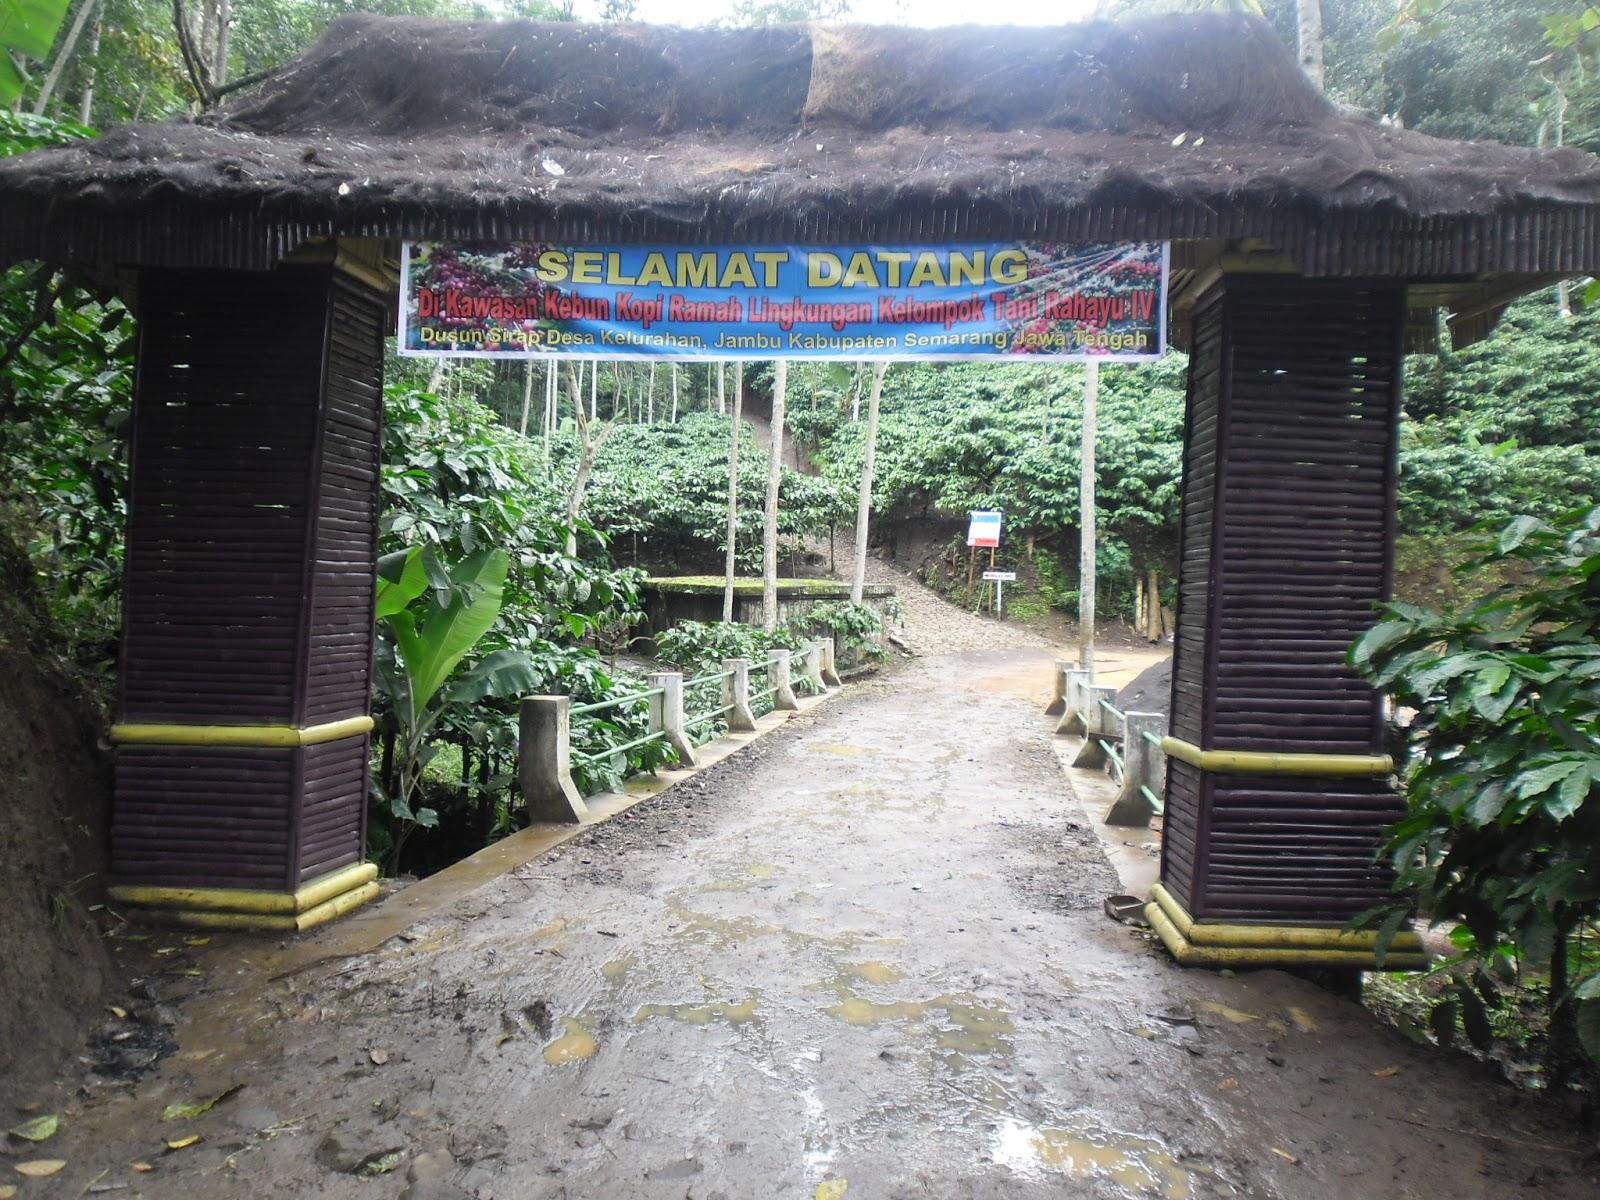 Kopi Kelir Gerbang Kawasan Wisata Kebun Kaki Surga Gunung Dimana